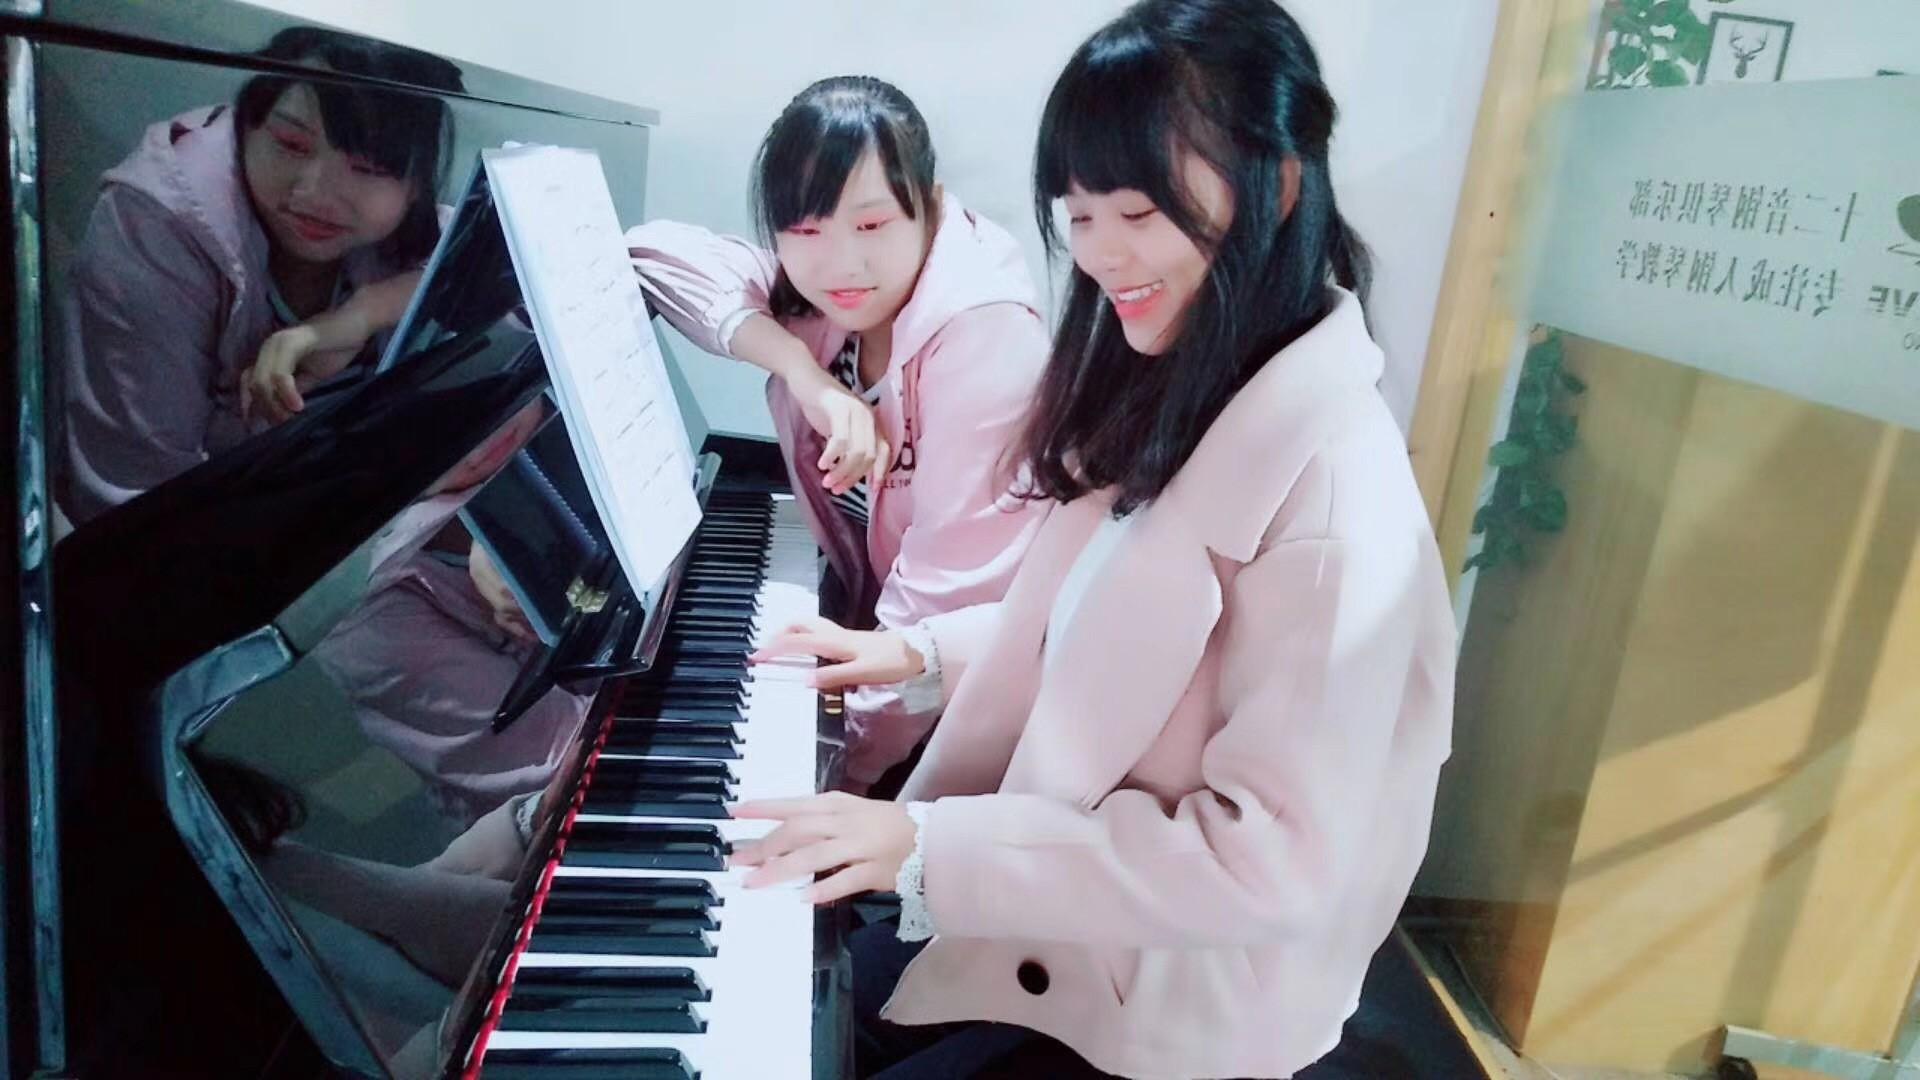 十二音成人钢琴俱乐部